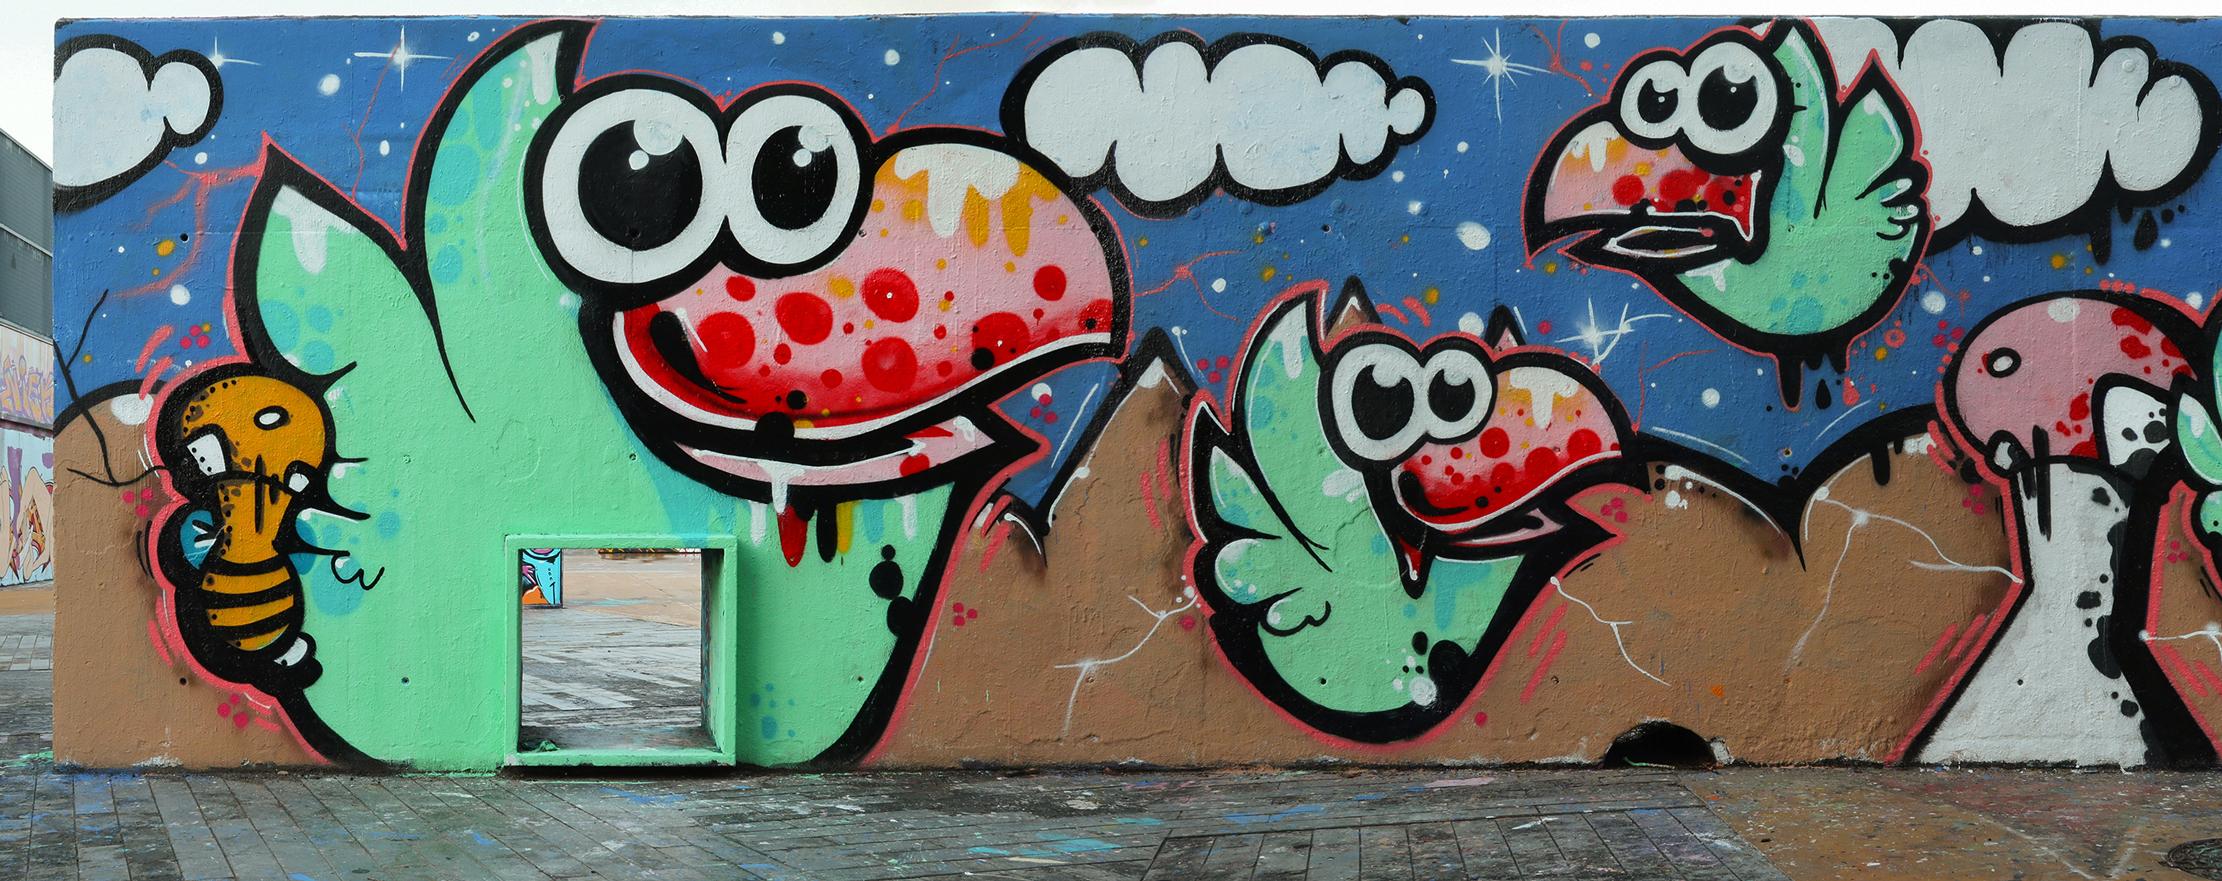 arte urbano seta pájaro Barcelona